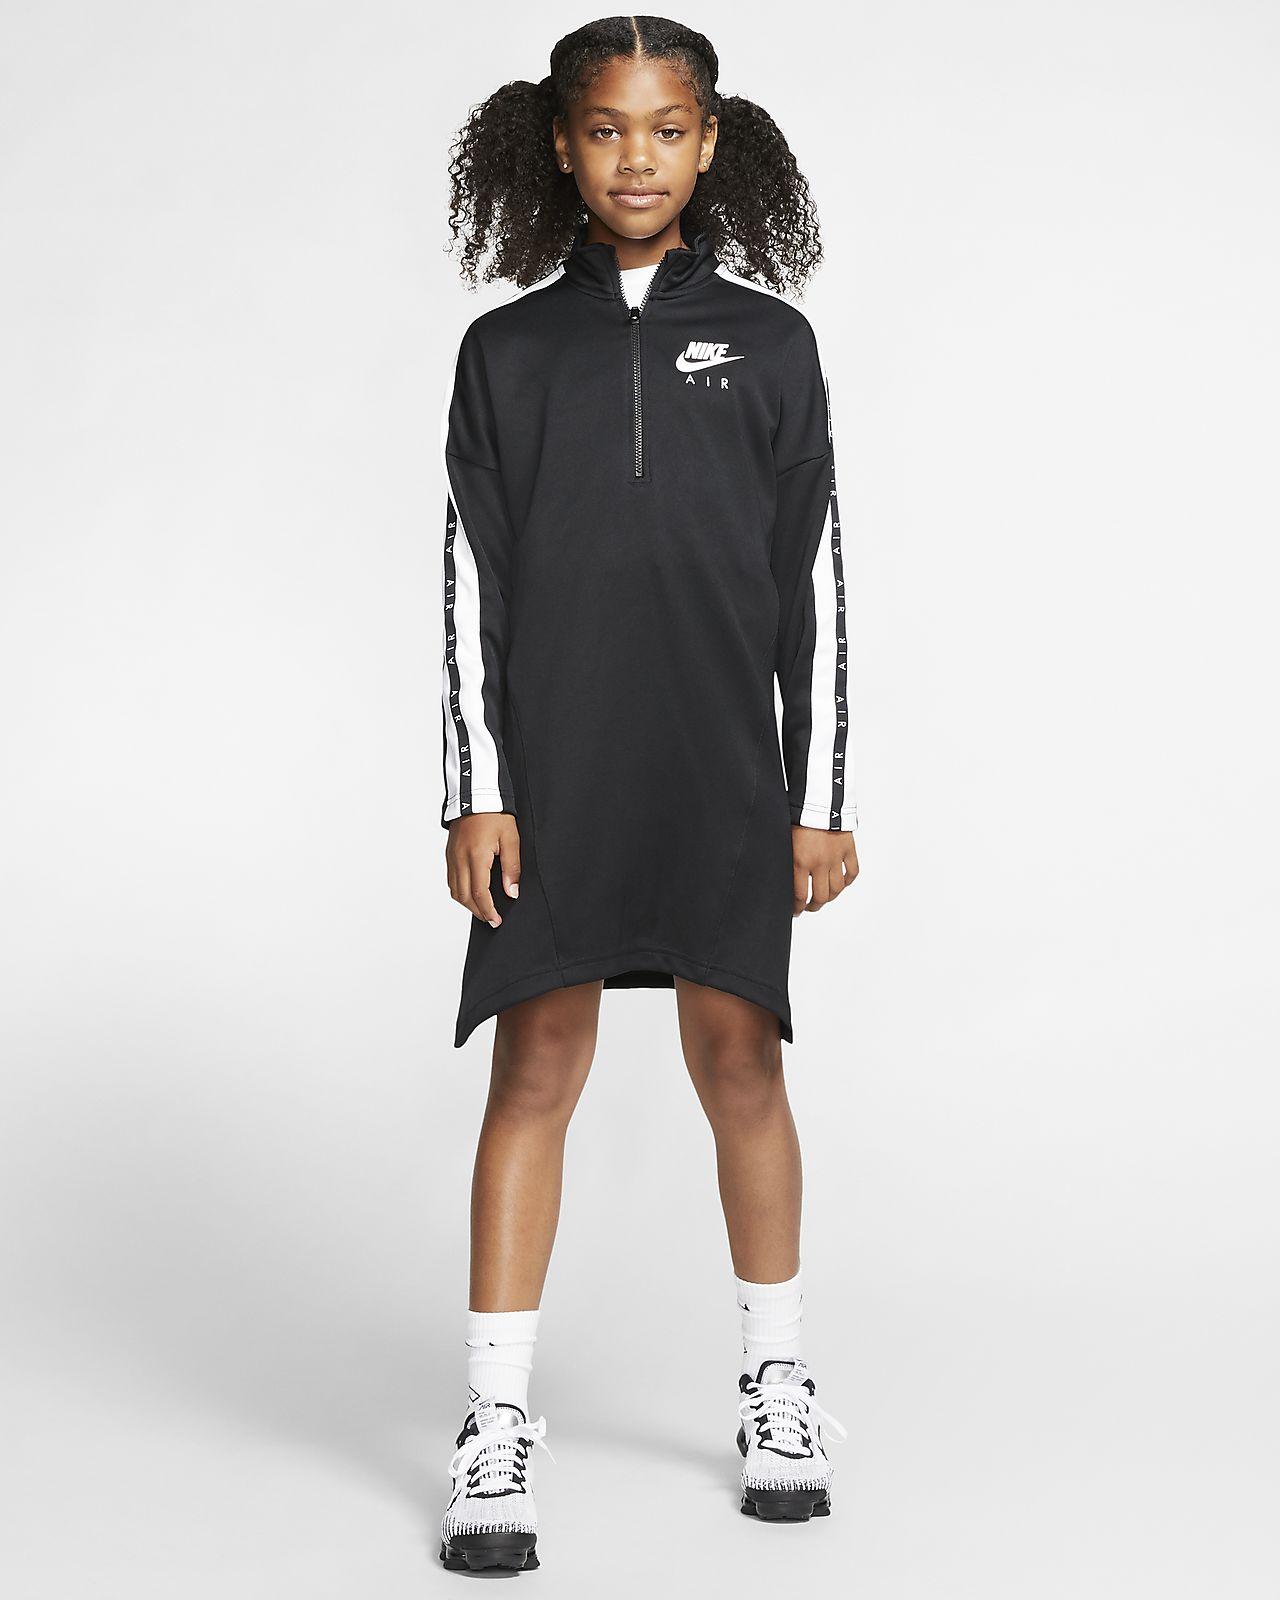 Nike Air Meisjesjurk